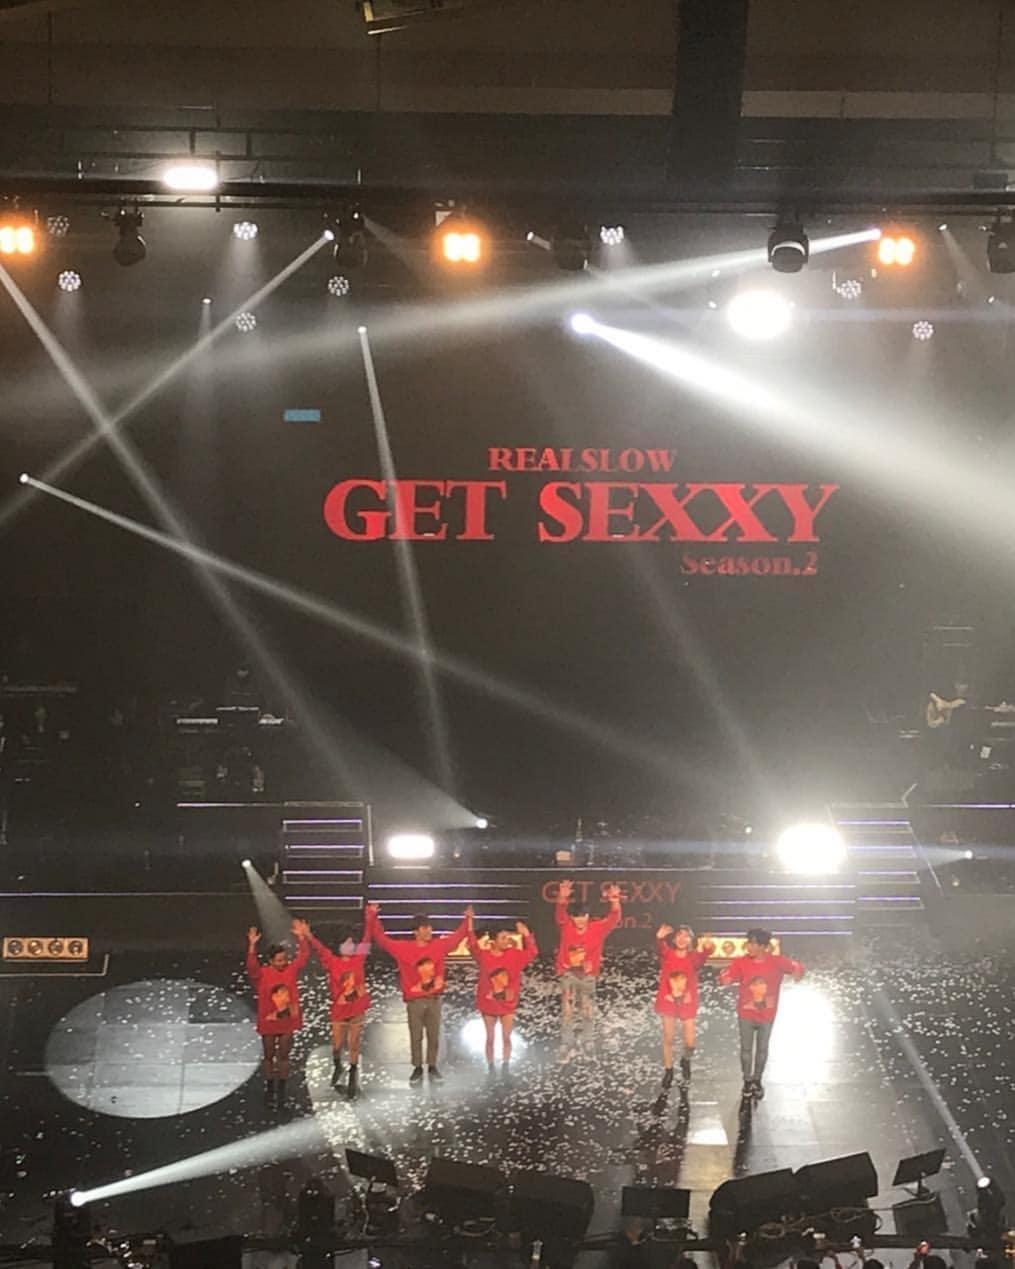 2019.1.12 フィソン全国ツアーコンサート GET SEXXY2 釜山公演